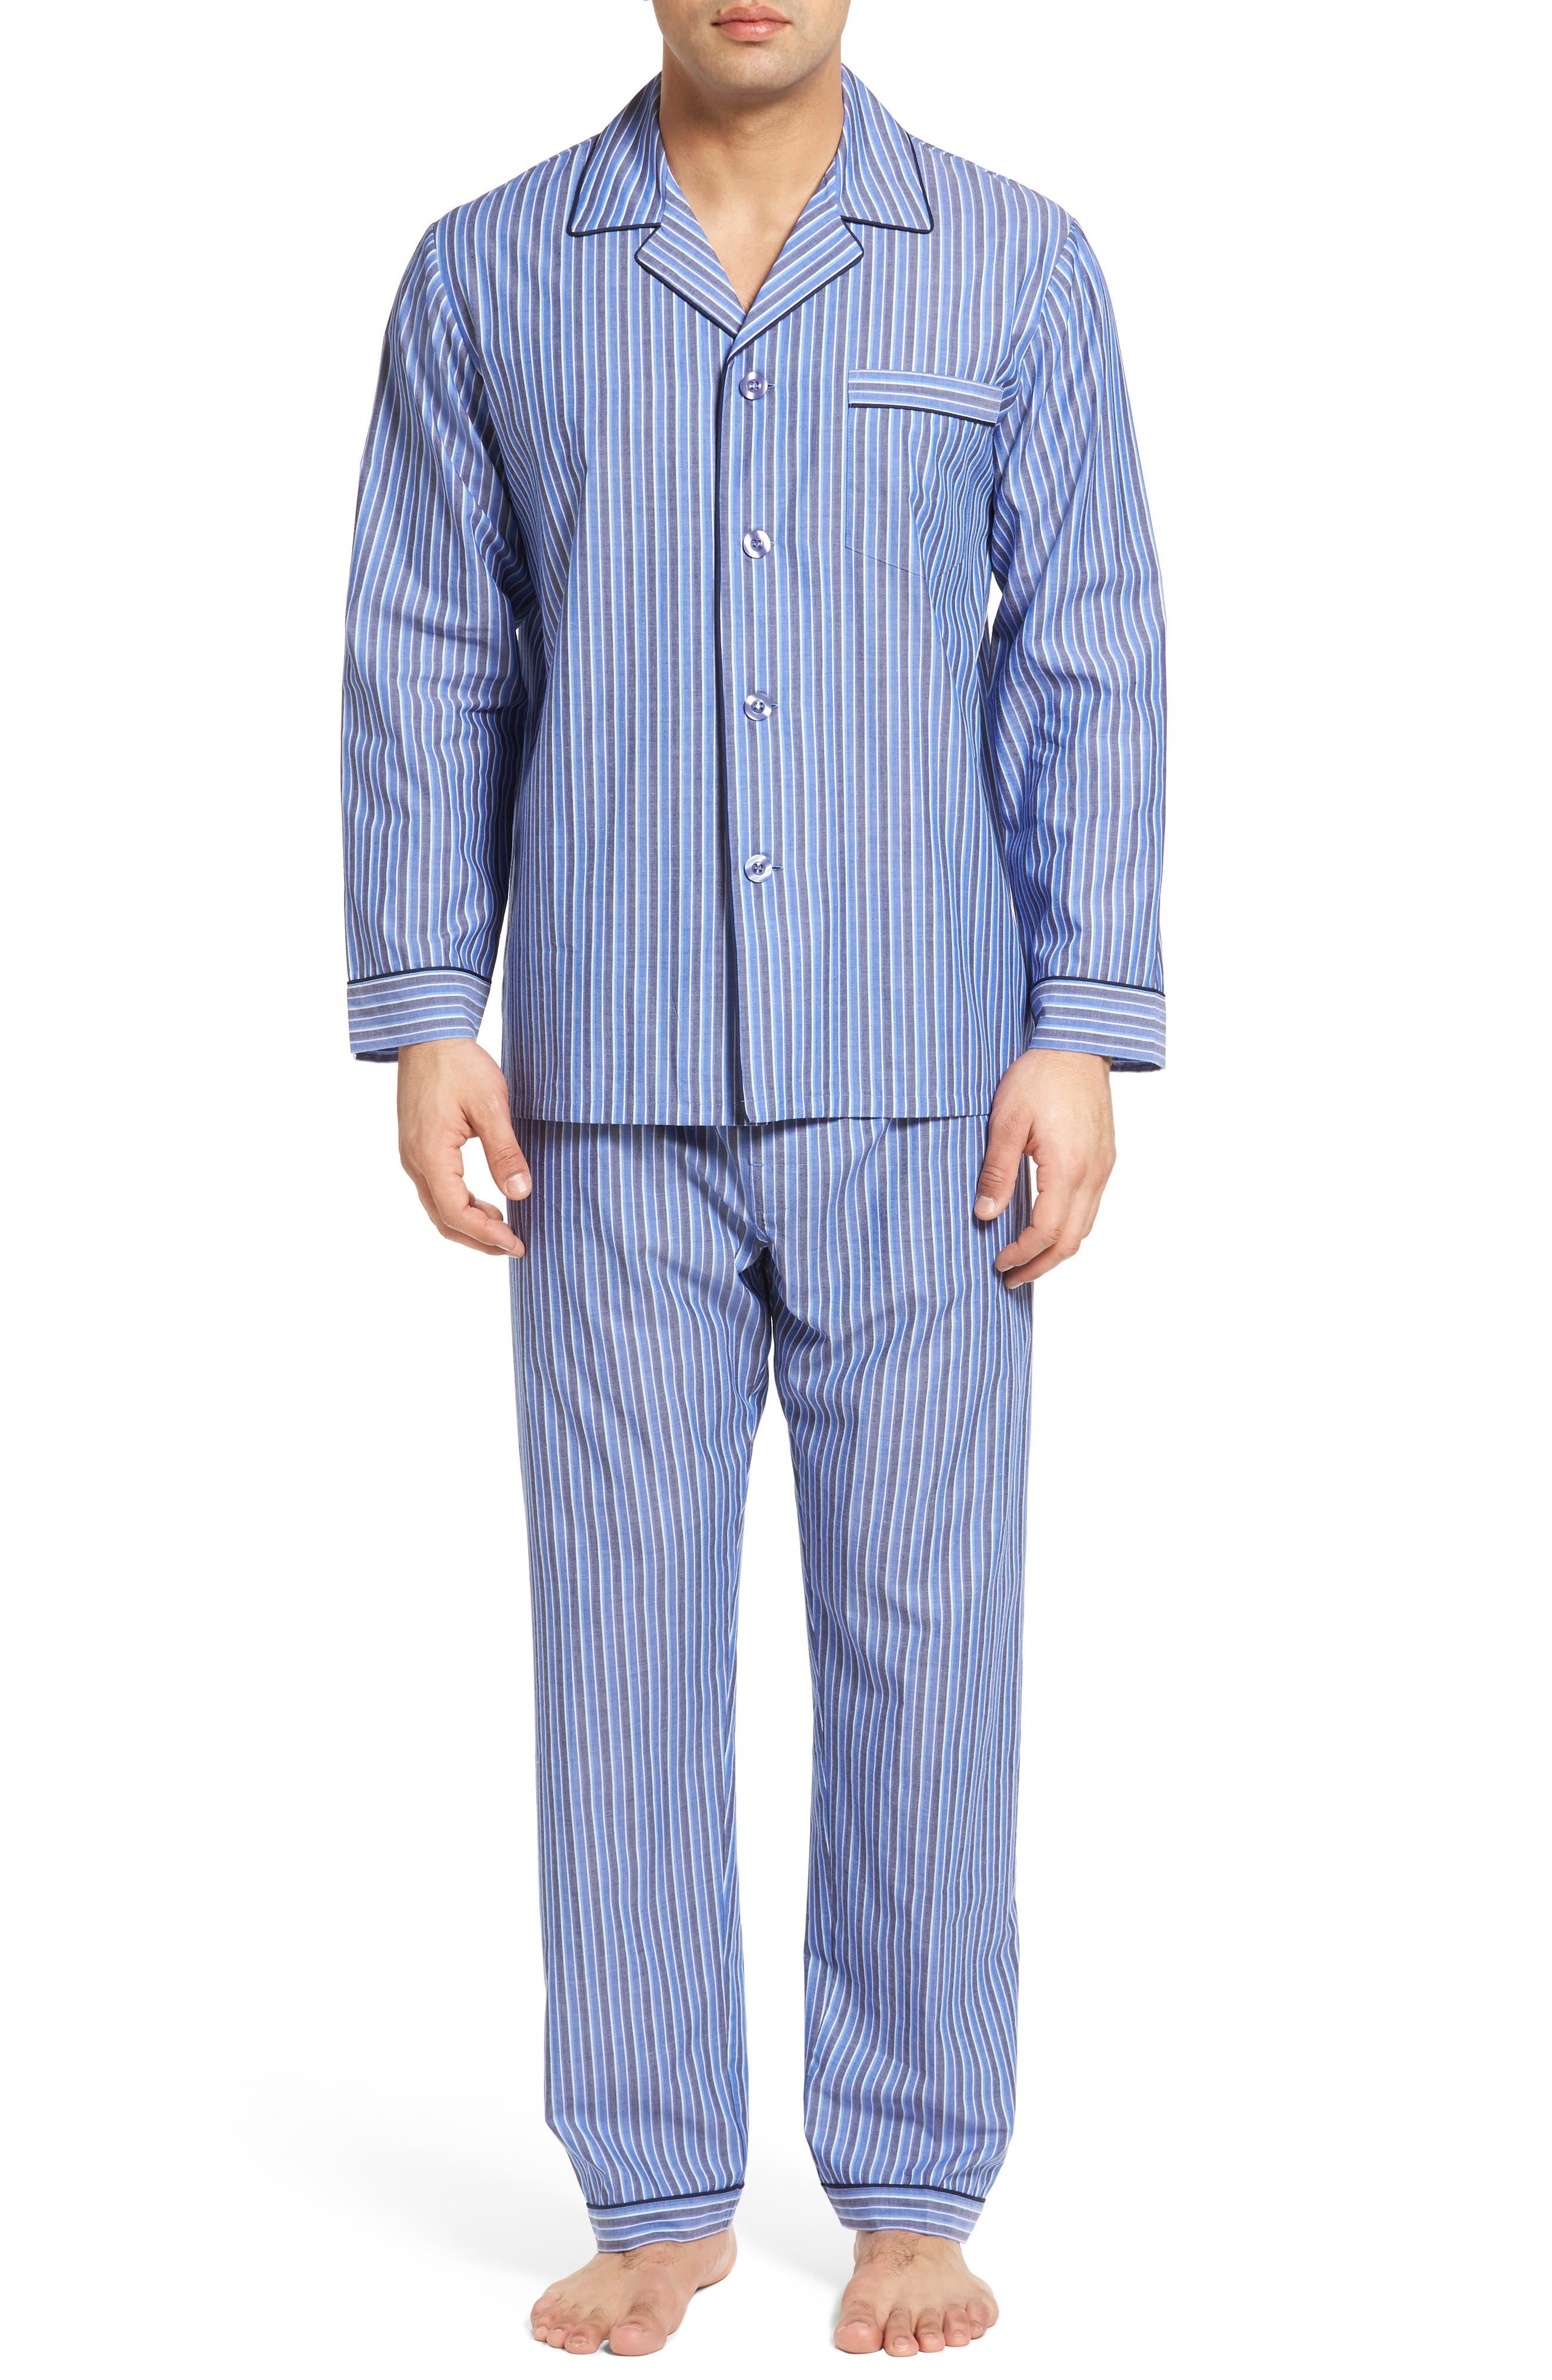 Cole Cotton Blend Pajama Set,                             Main thumbnail 1, color,